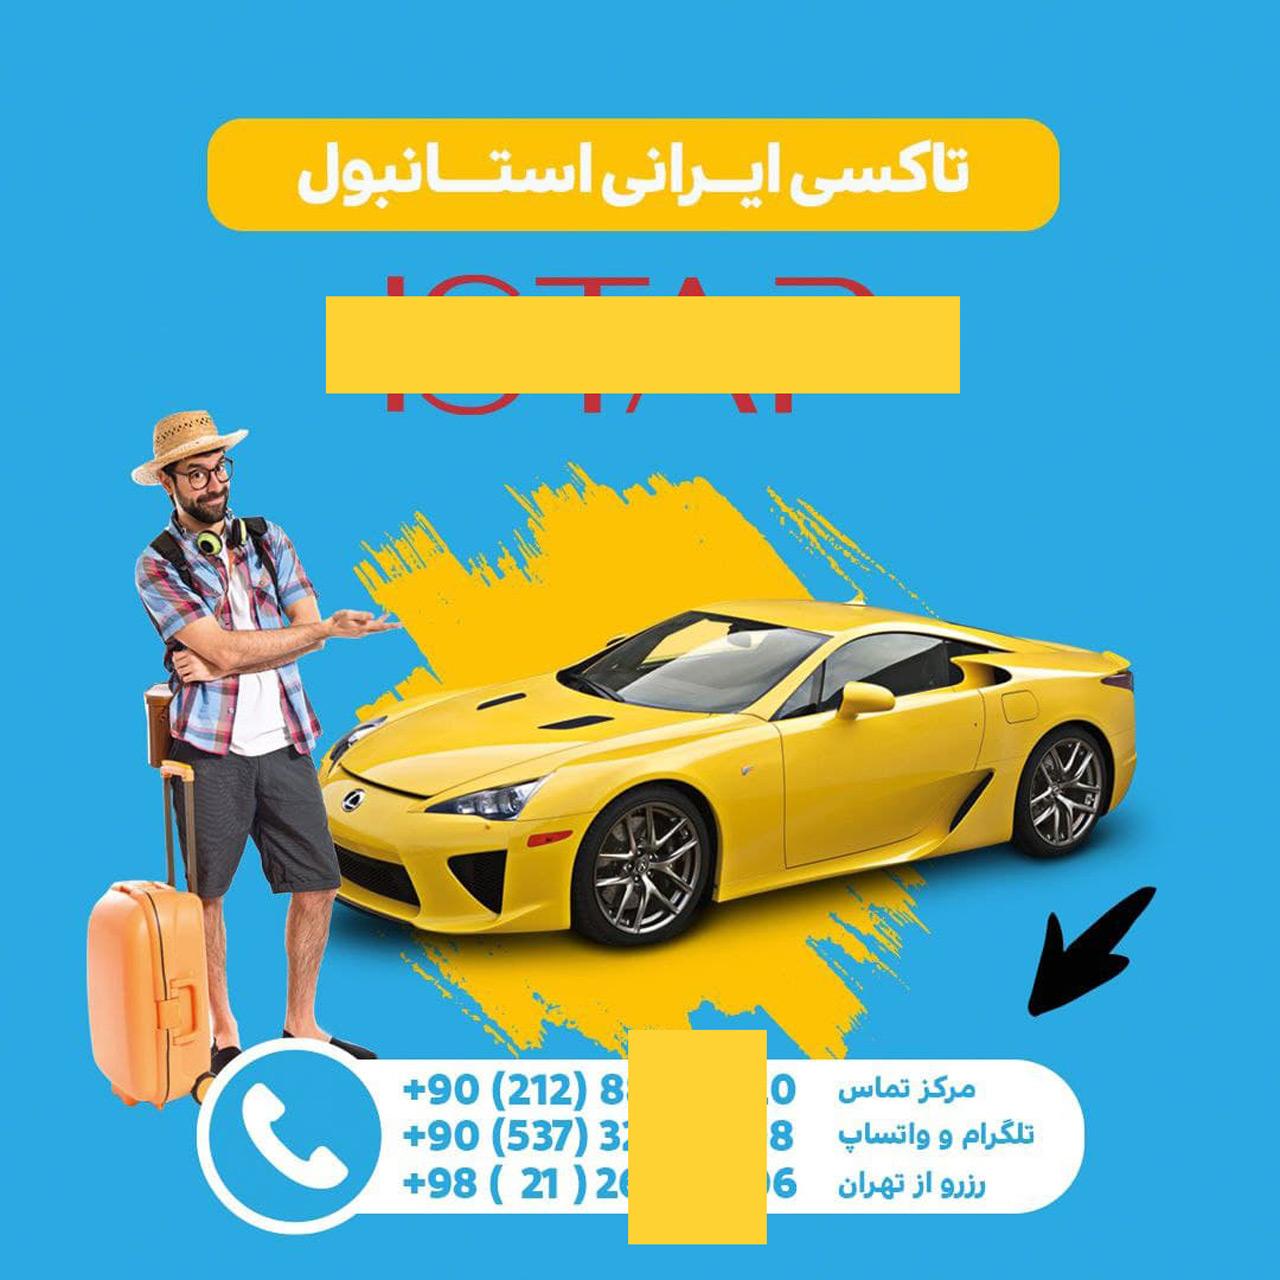 نمونه تبلیغات تاکسی ایرانی در استانبول که در فضای مجازی وجود دارد.